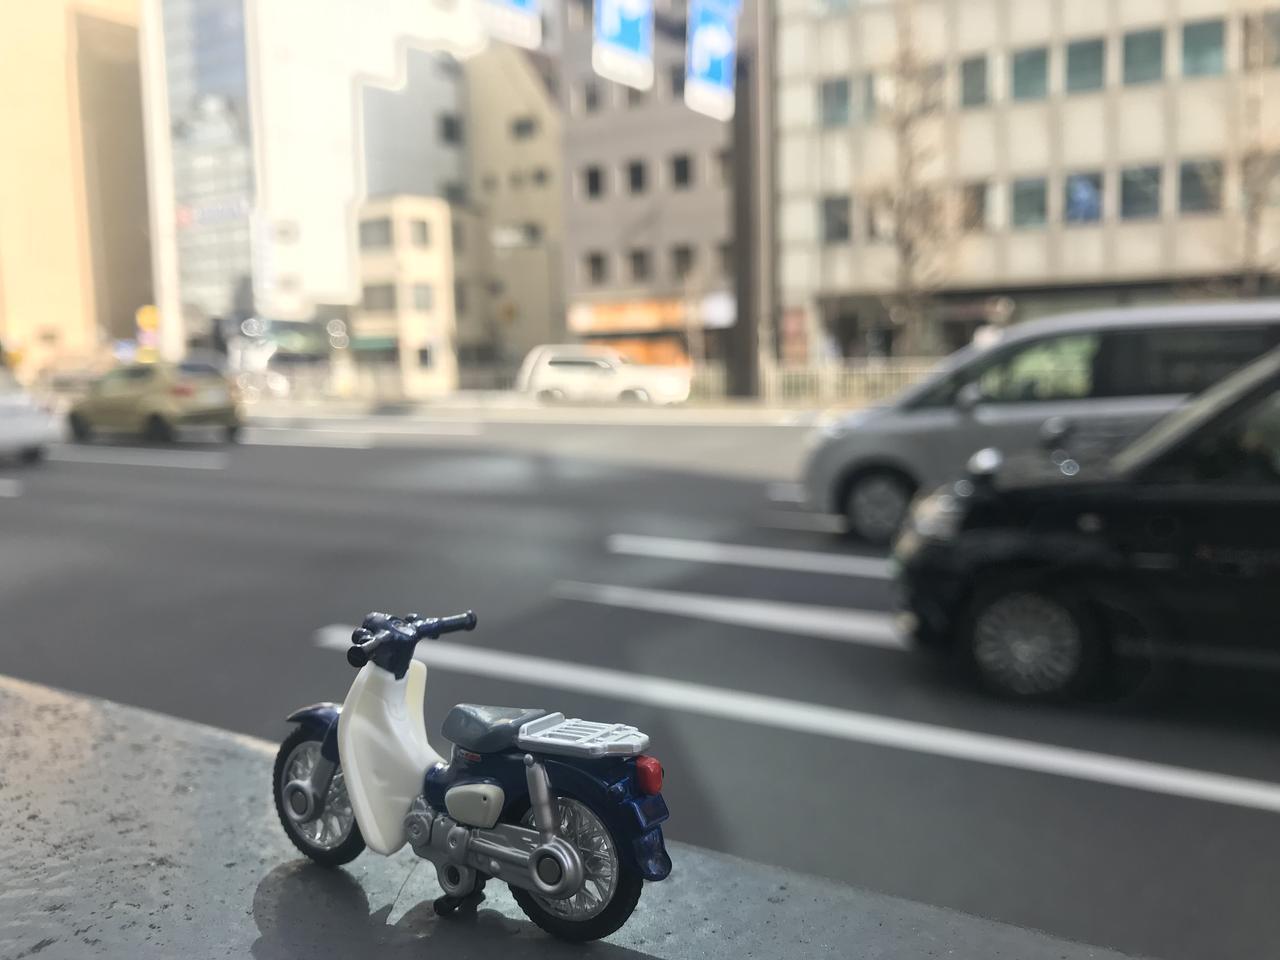 画像1: 都会のスーパーカブをおしゃれに撮影&加工するテクニック!